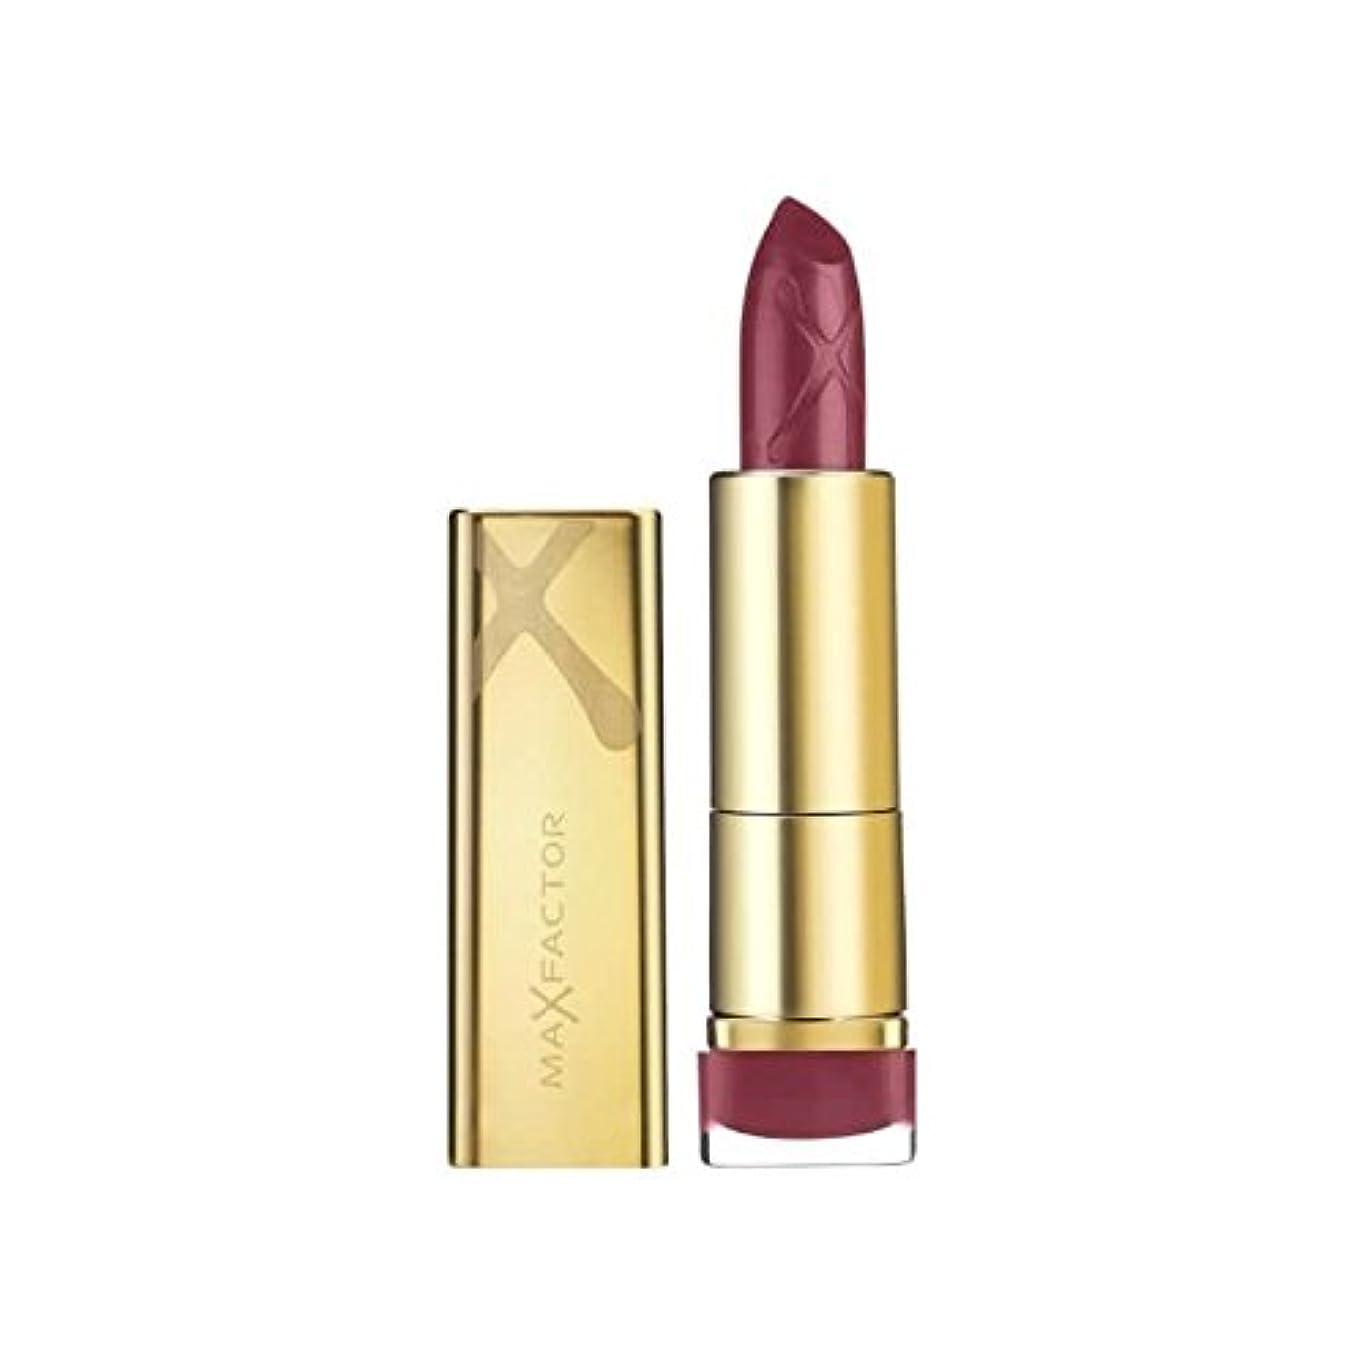 経験者好意的ロデオMax Factor Colour Elixir Lipstick Raisin 894 - マックスファクターカラーエリクシルの口紅レーズン894 [並行輸入品]